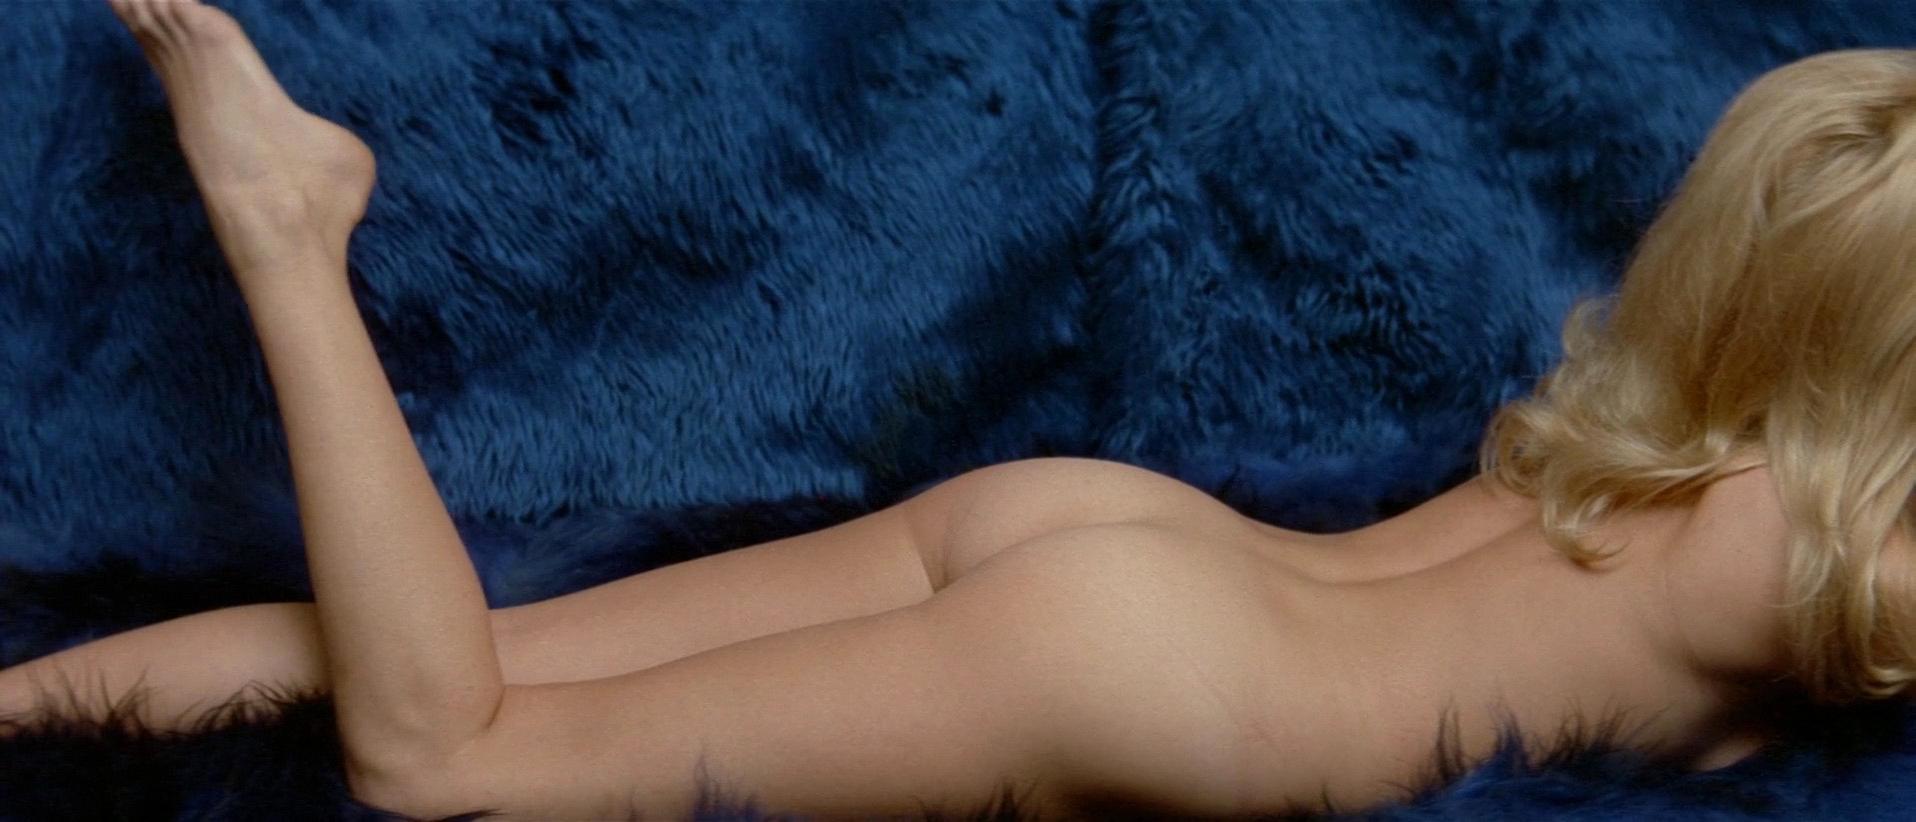 nude video celebs » brigitte bardot nude - contempt (1963)